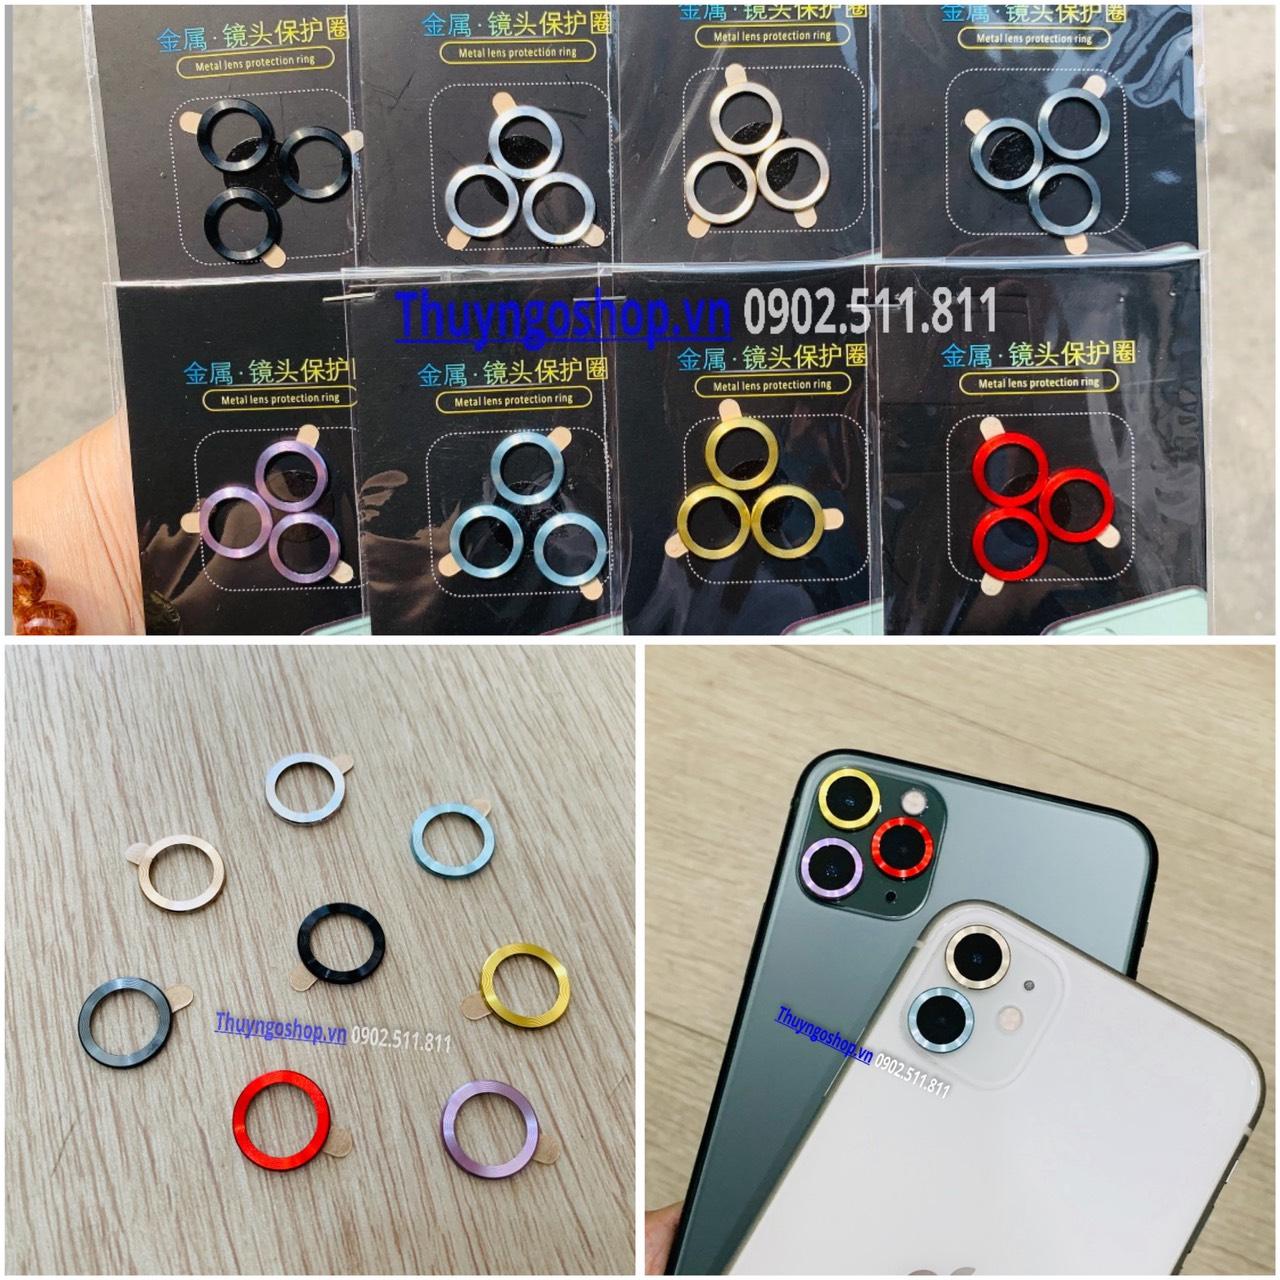 Iphone 11/11pro/11pro max - Dán kim loại chống trầy viền camera